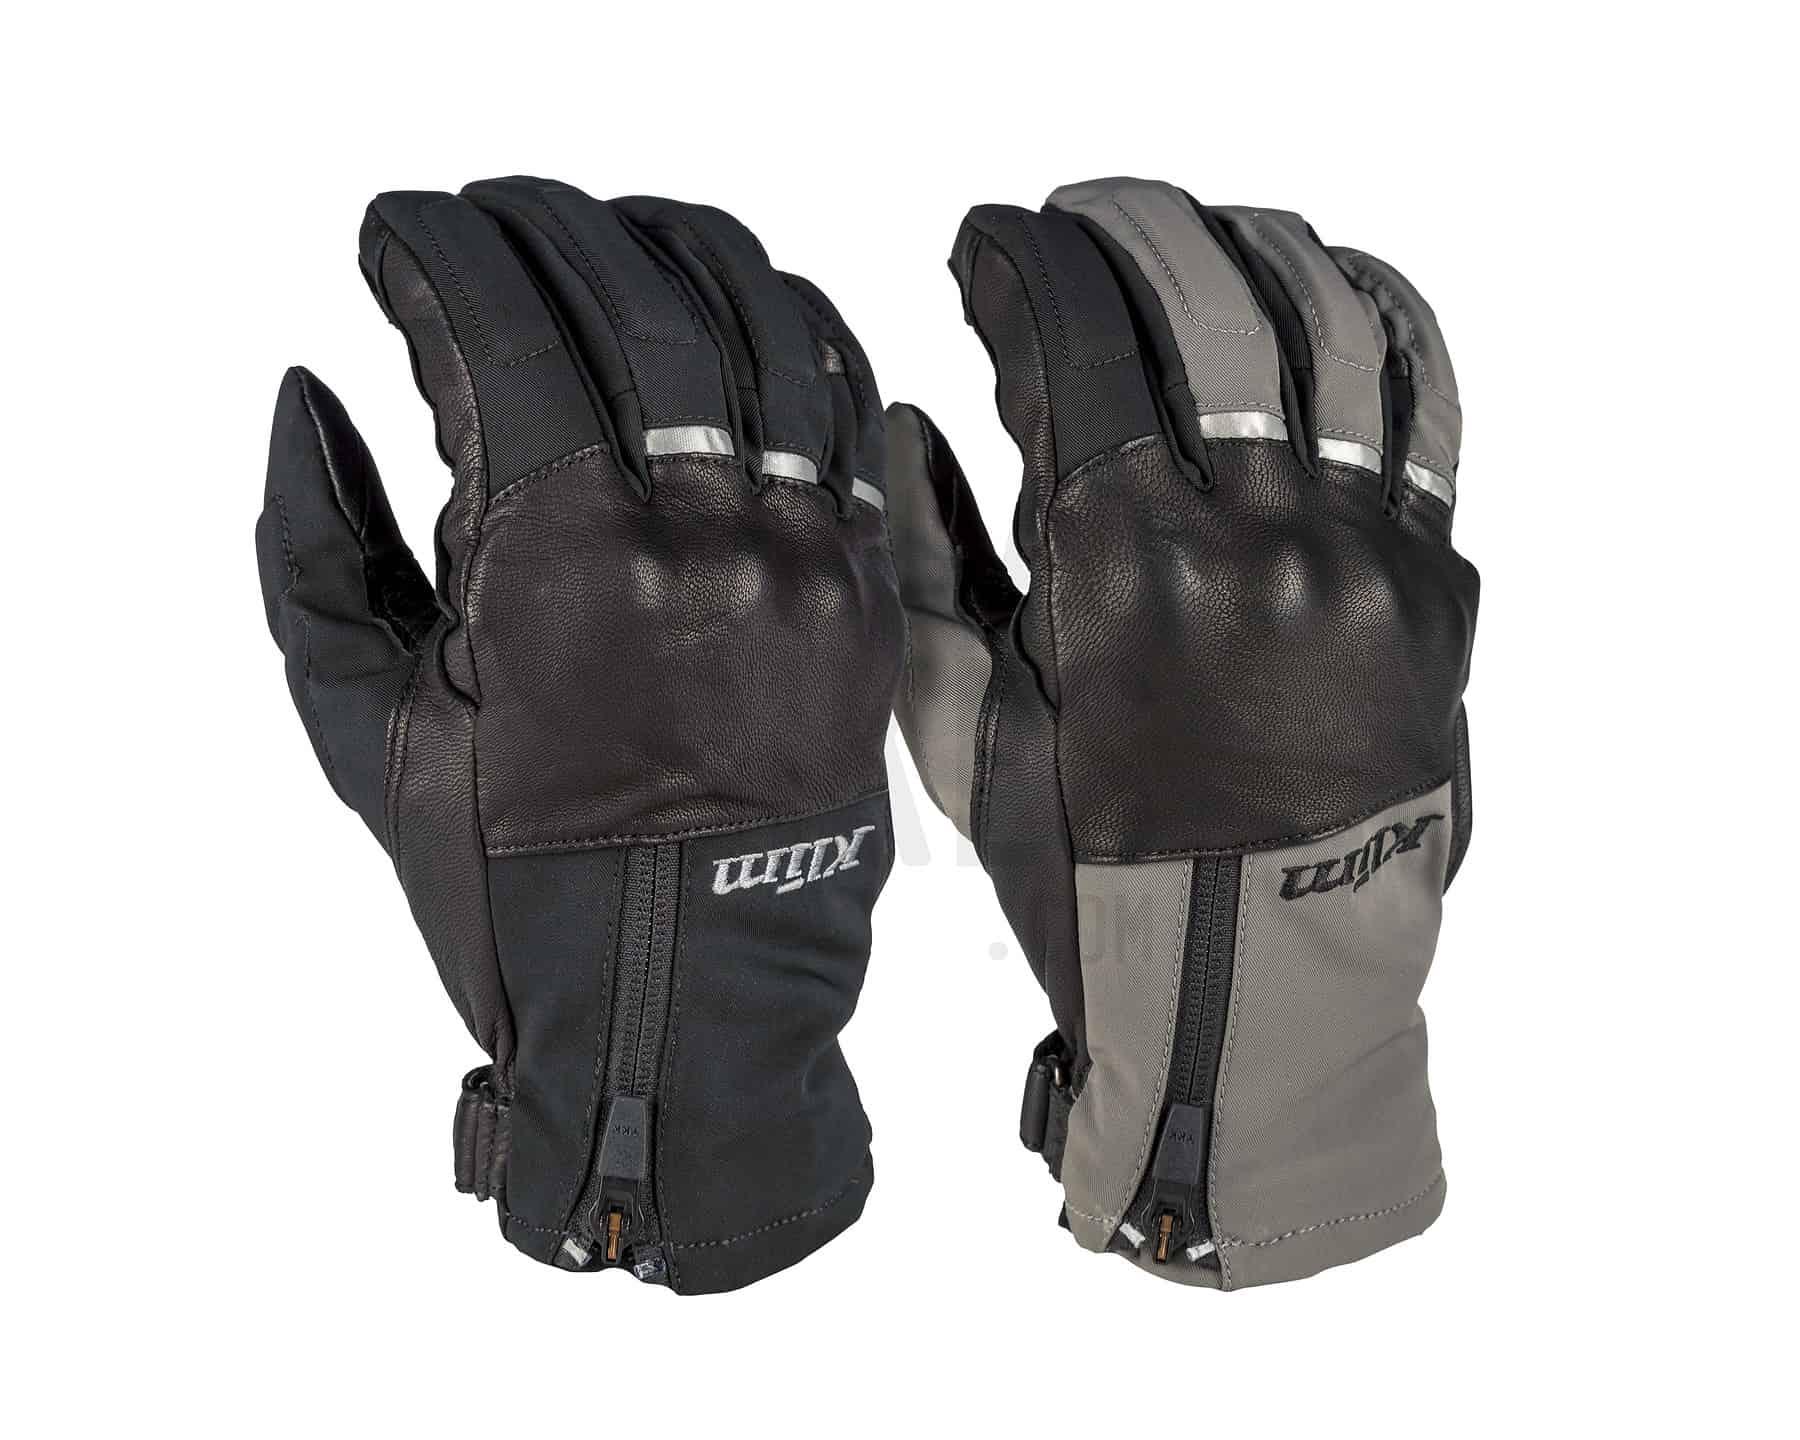 Vanguard GTX Short Glove_3922-000_Gray_Feature_01